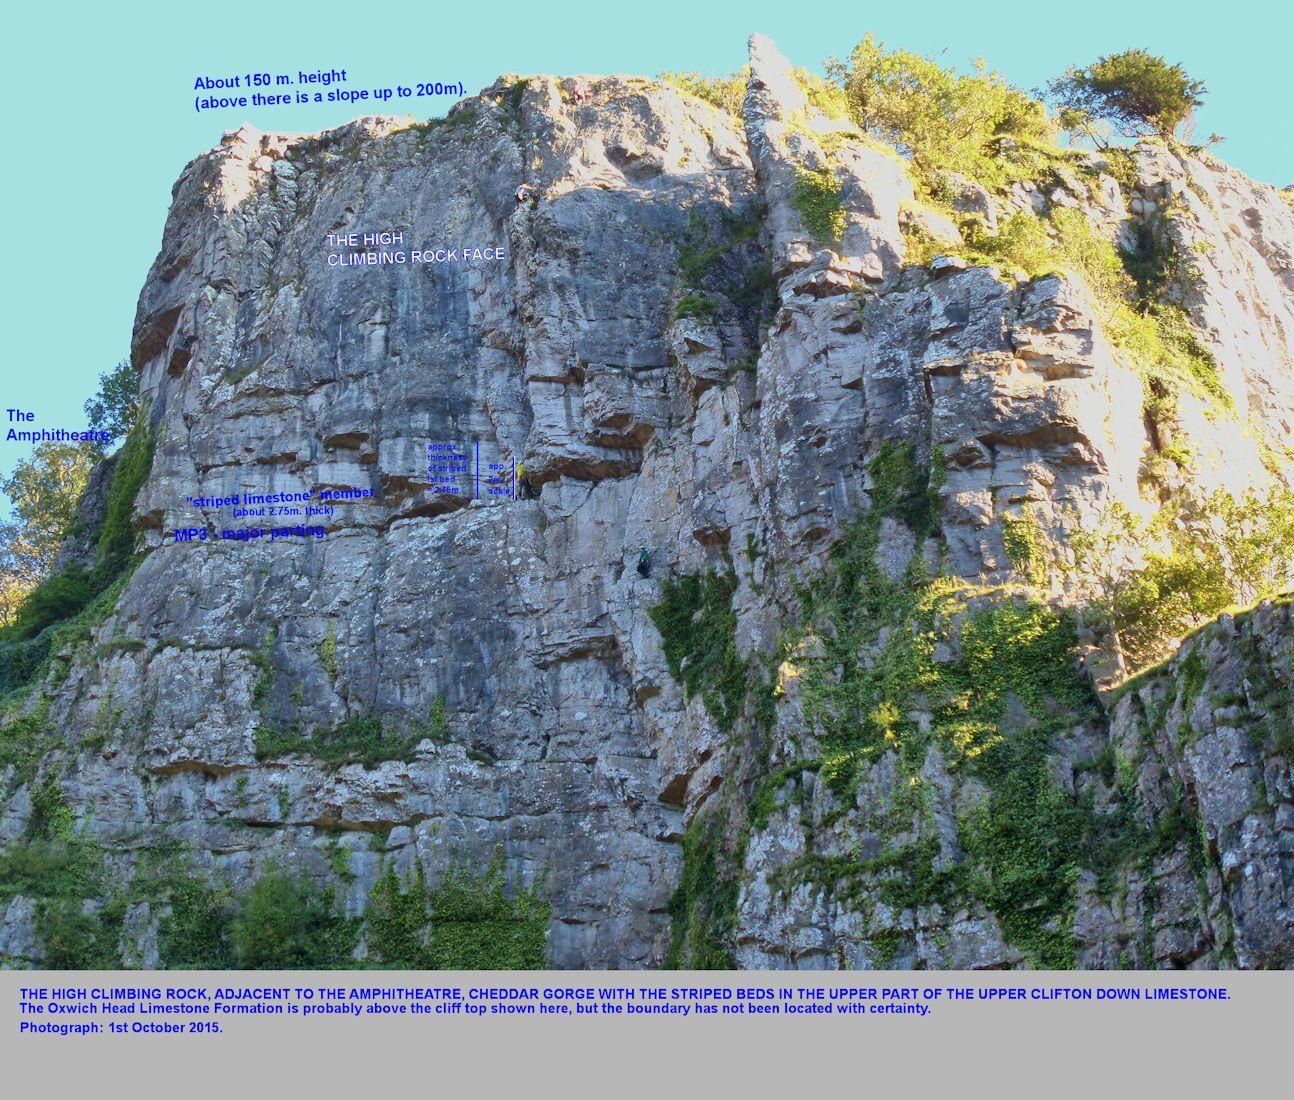 Cheddar Gorge, Mendip Hills, Somerset